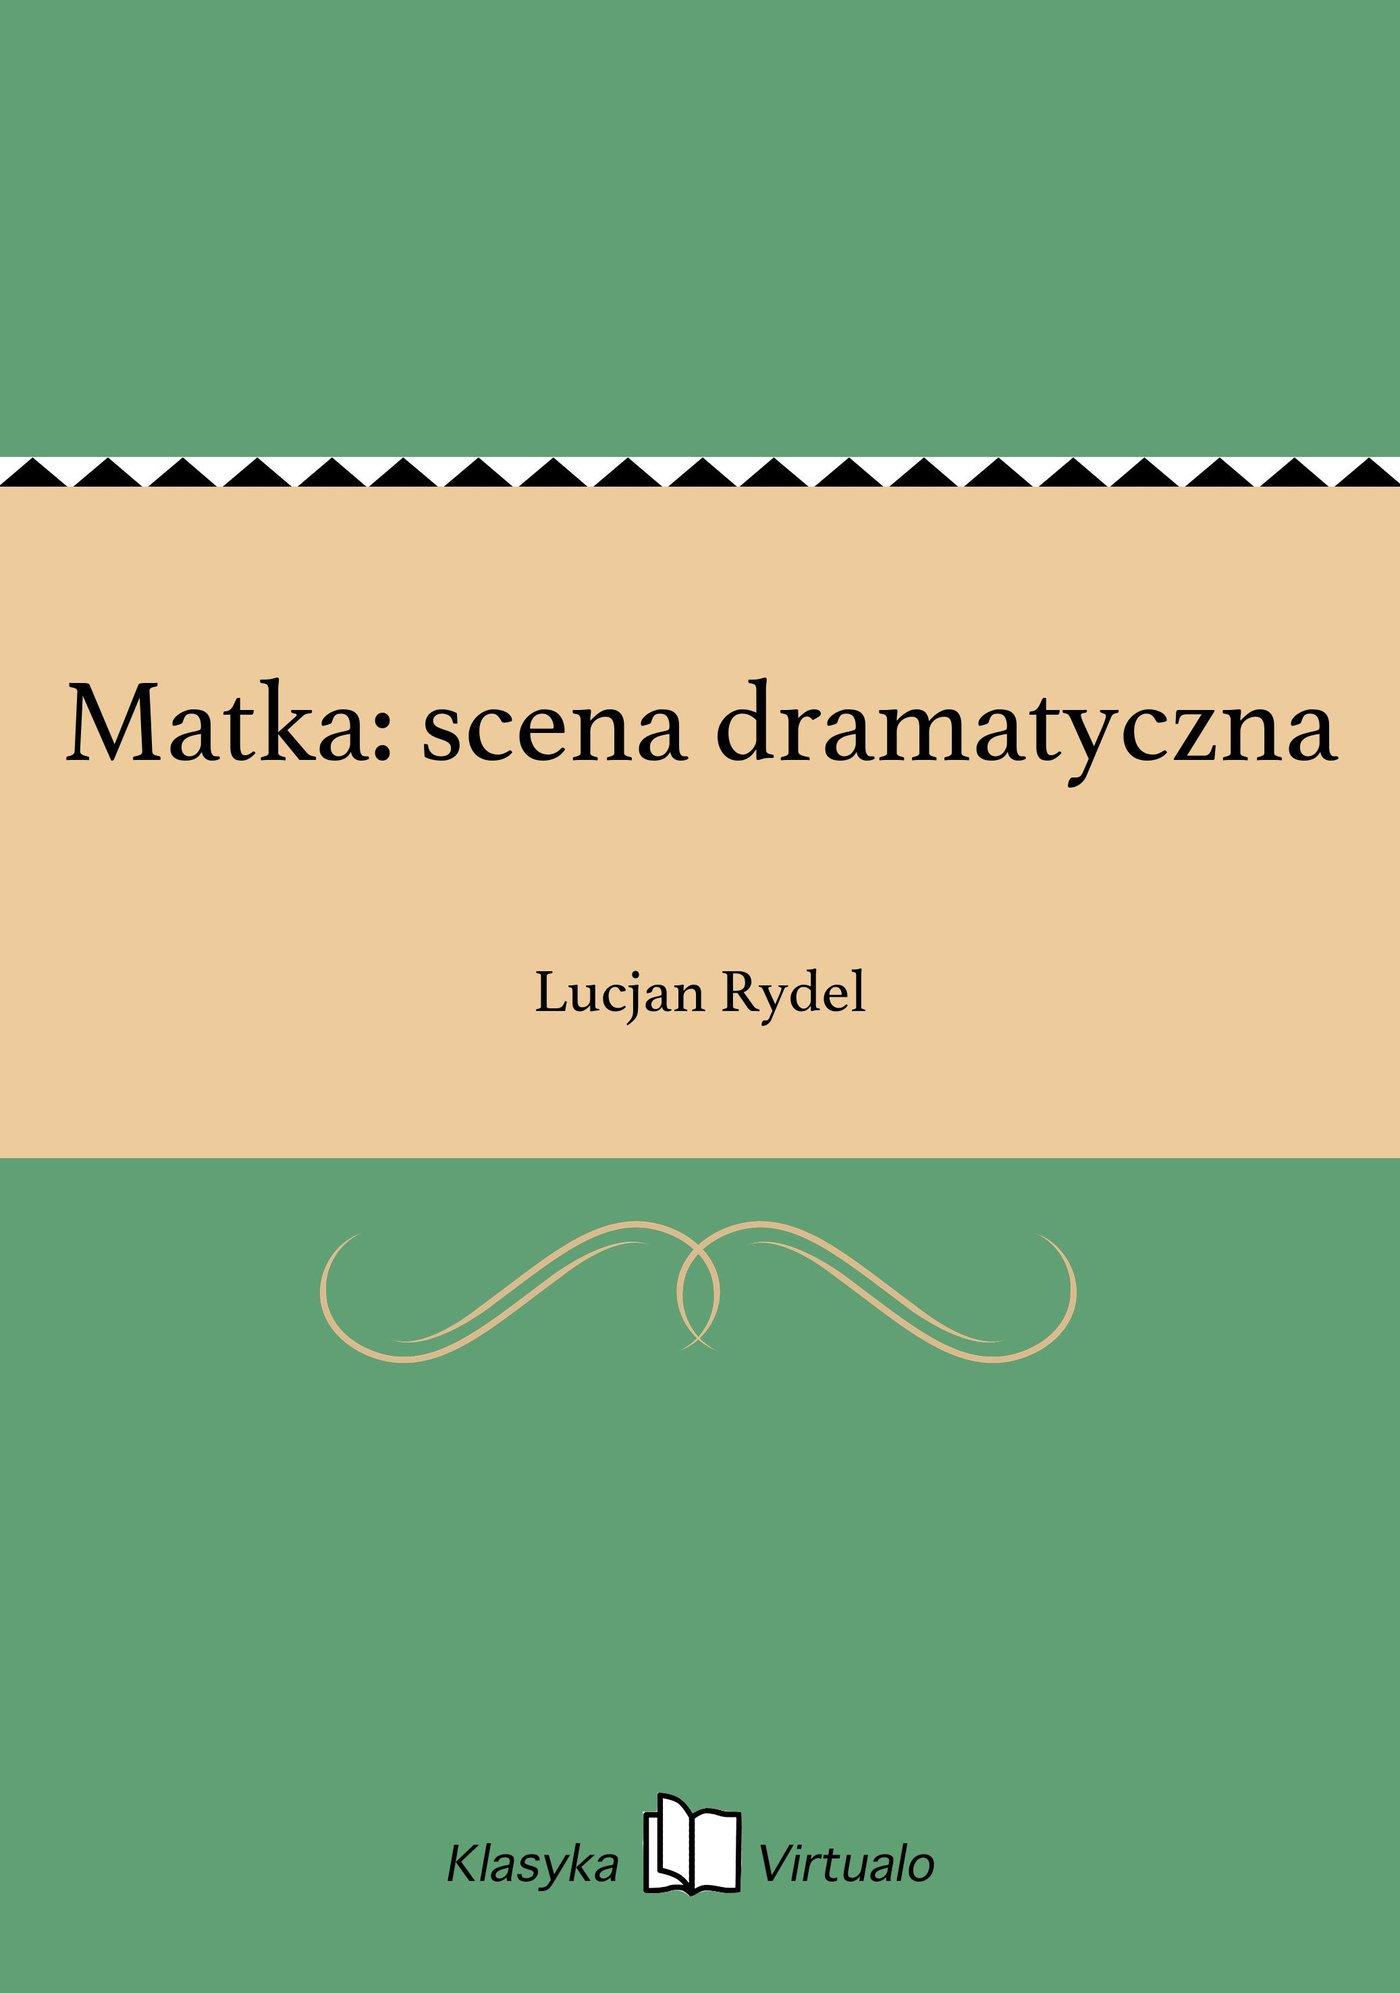 Matka: scena dramatyczna - Ebook (Książka EPUB) do pobrania w formacie EPUB